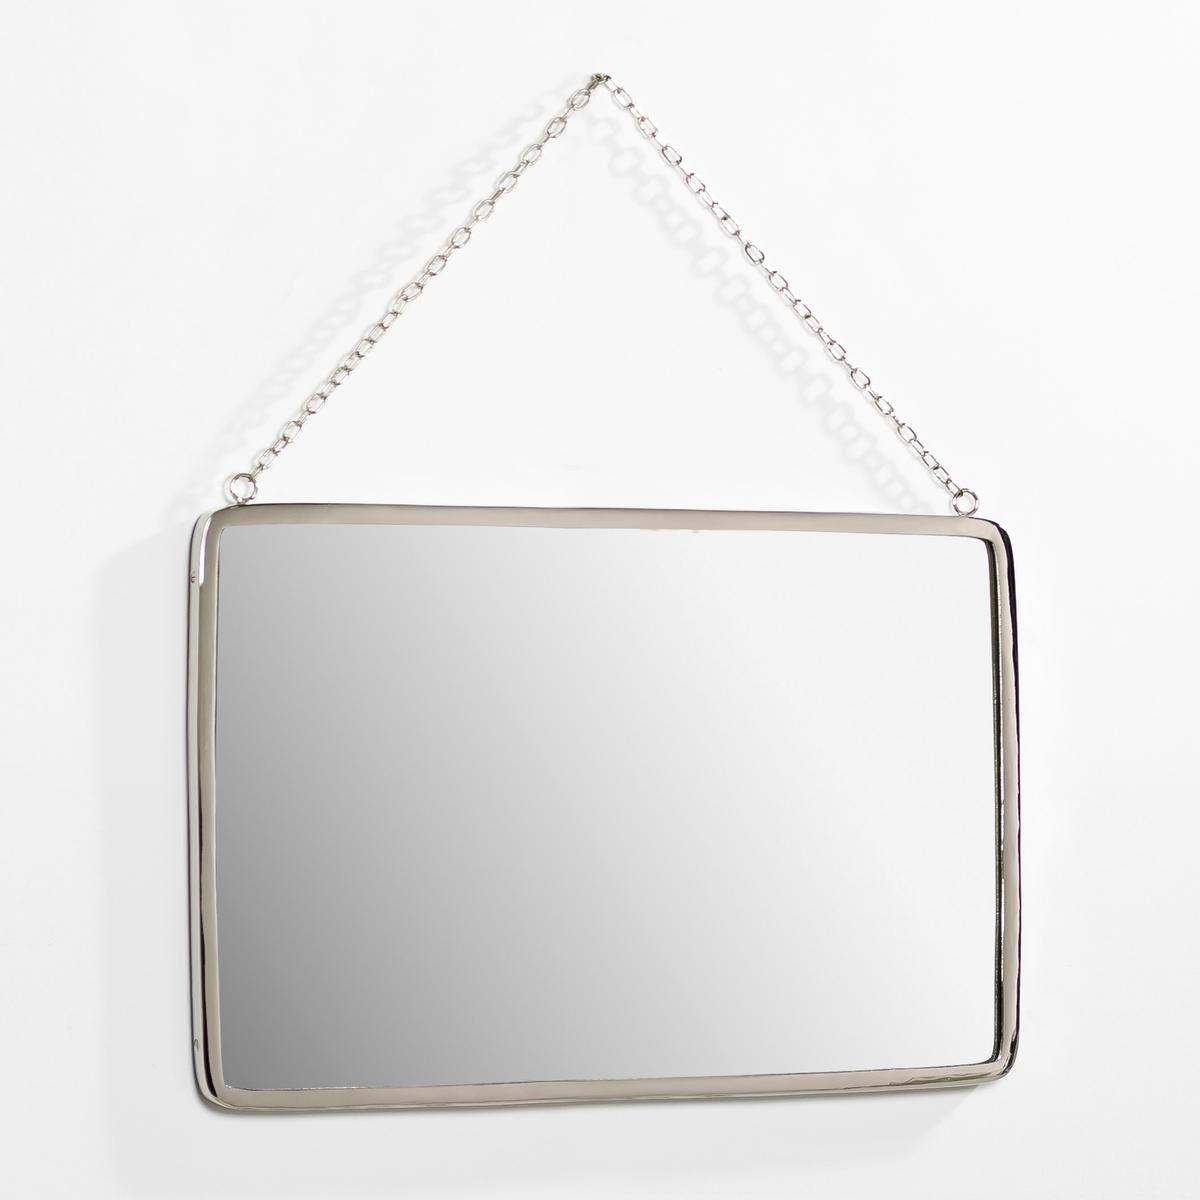 Зеркало прямоугольное . Д50 x В37 см, BarbierЗеркало в старинном стиле. Характеристики: :- Рамка из никелированной латуни .- Цепочка-подвеска из металла с никелевым покрытием   . Размеры  :-Д.50 x В.37 см..<br><br>Цвет: прозрачный